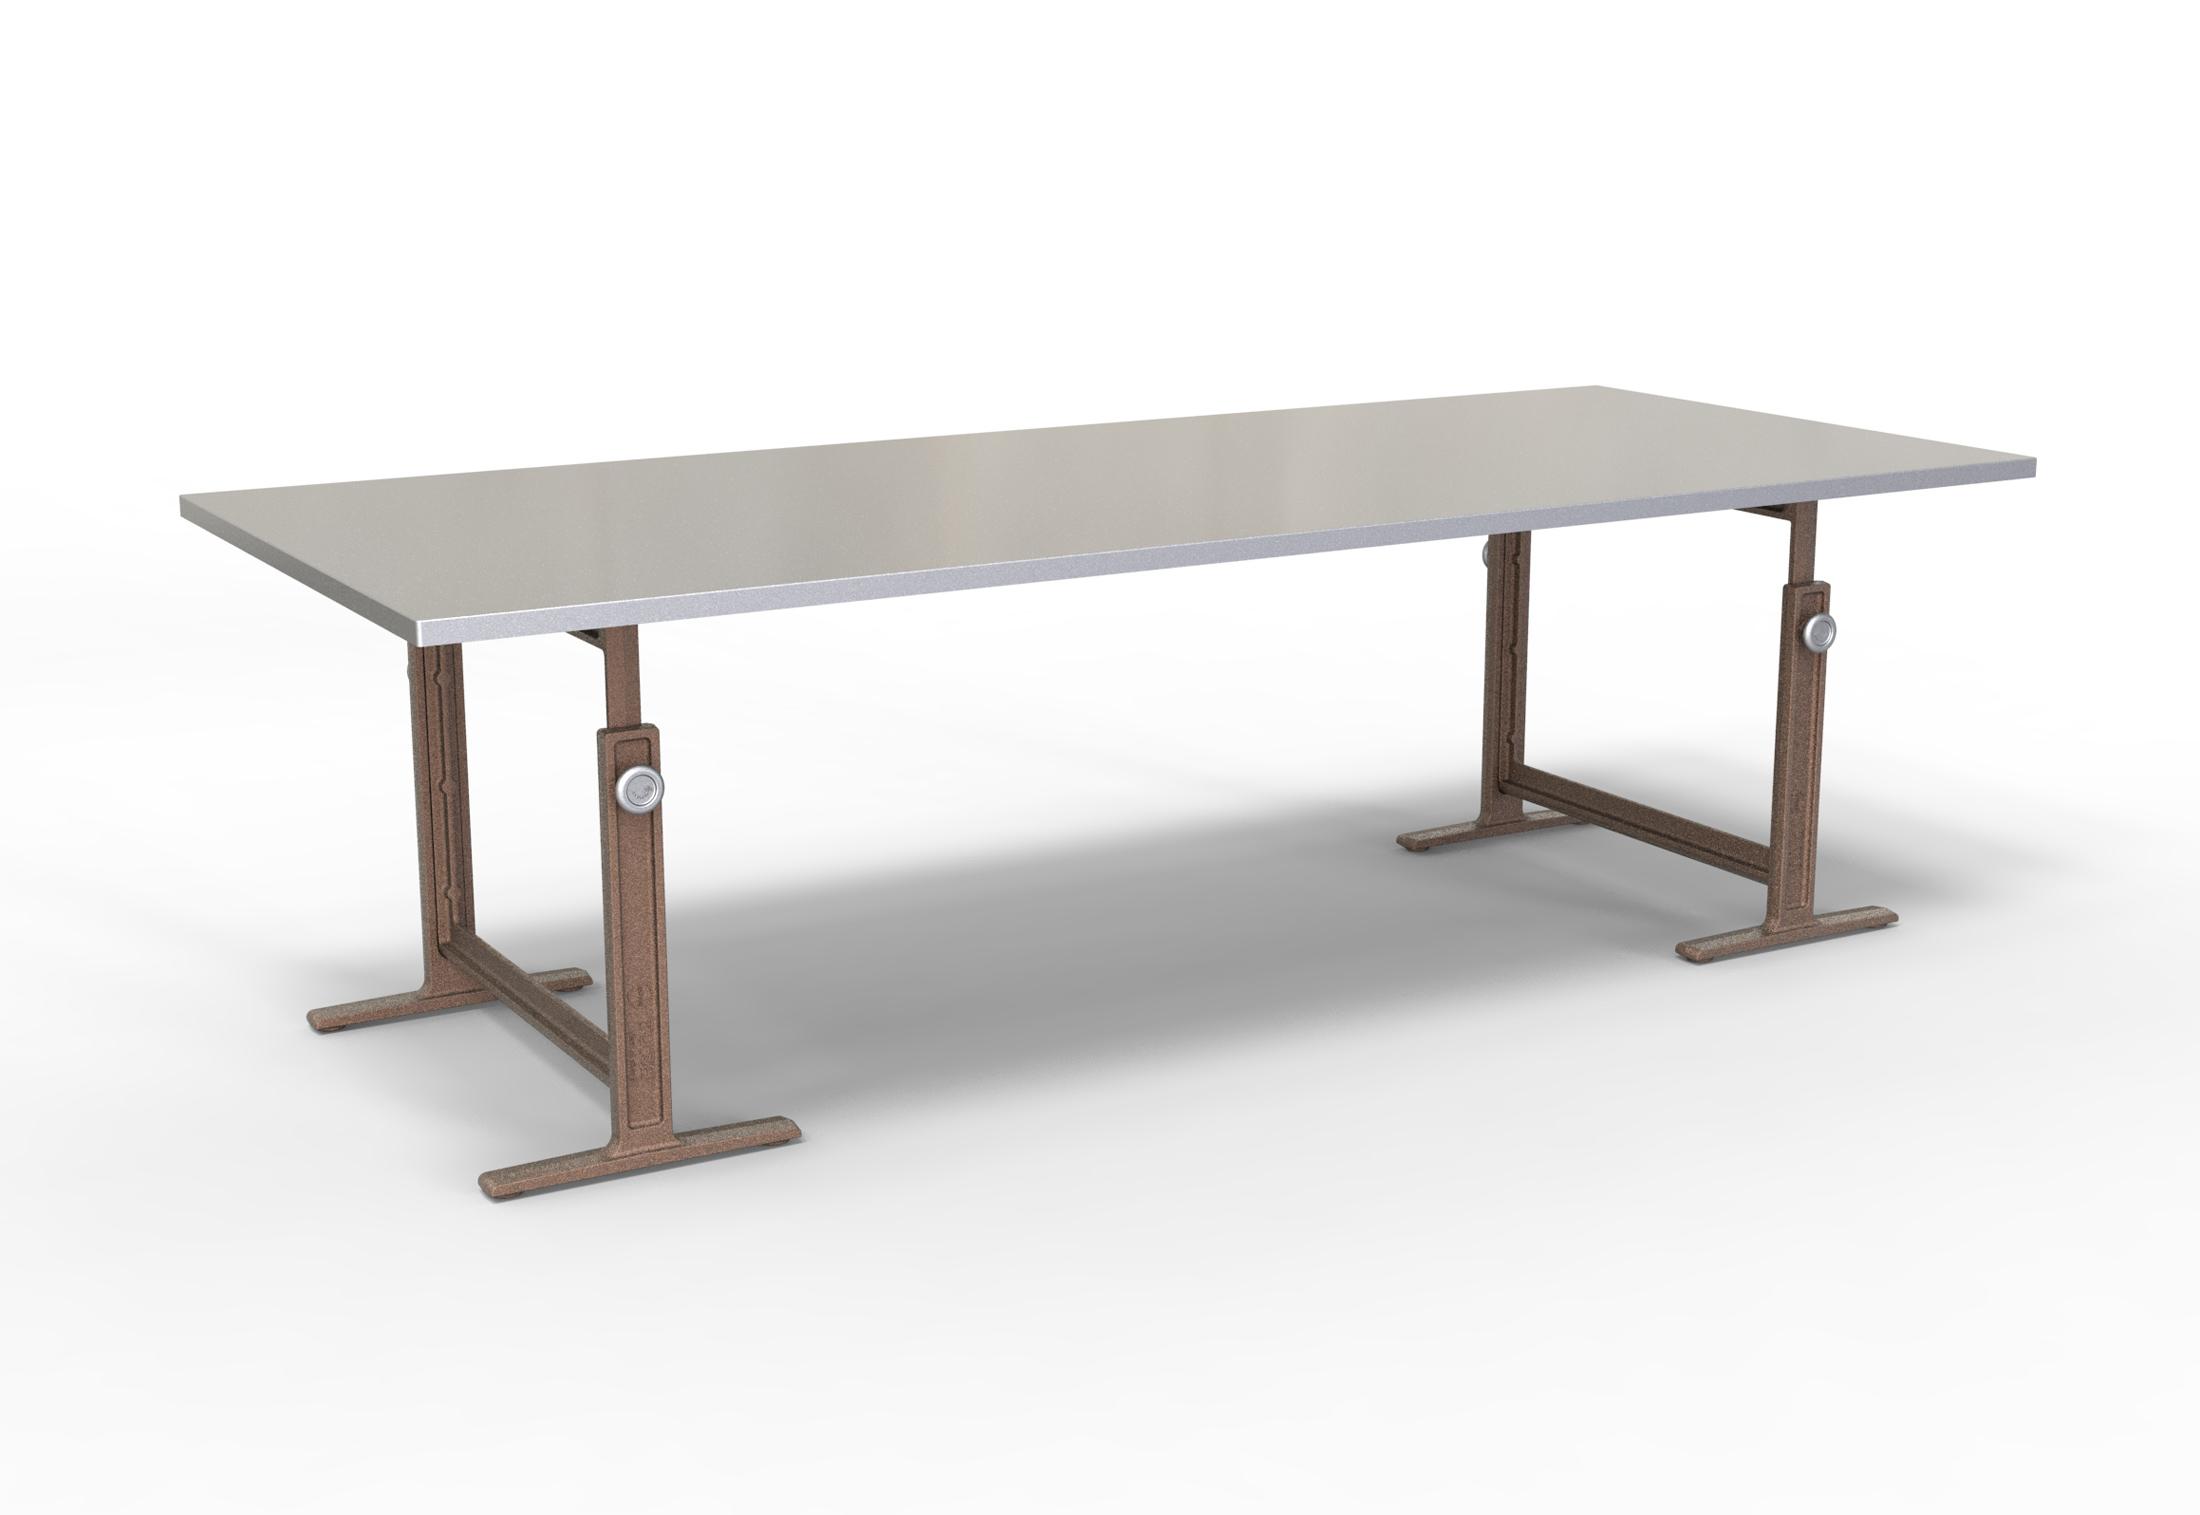 brut h henverstellbarer tisch von magis stylepark. Black Bedroom Furniture Sets. Home Design Ideas